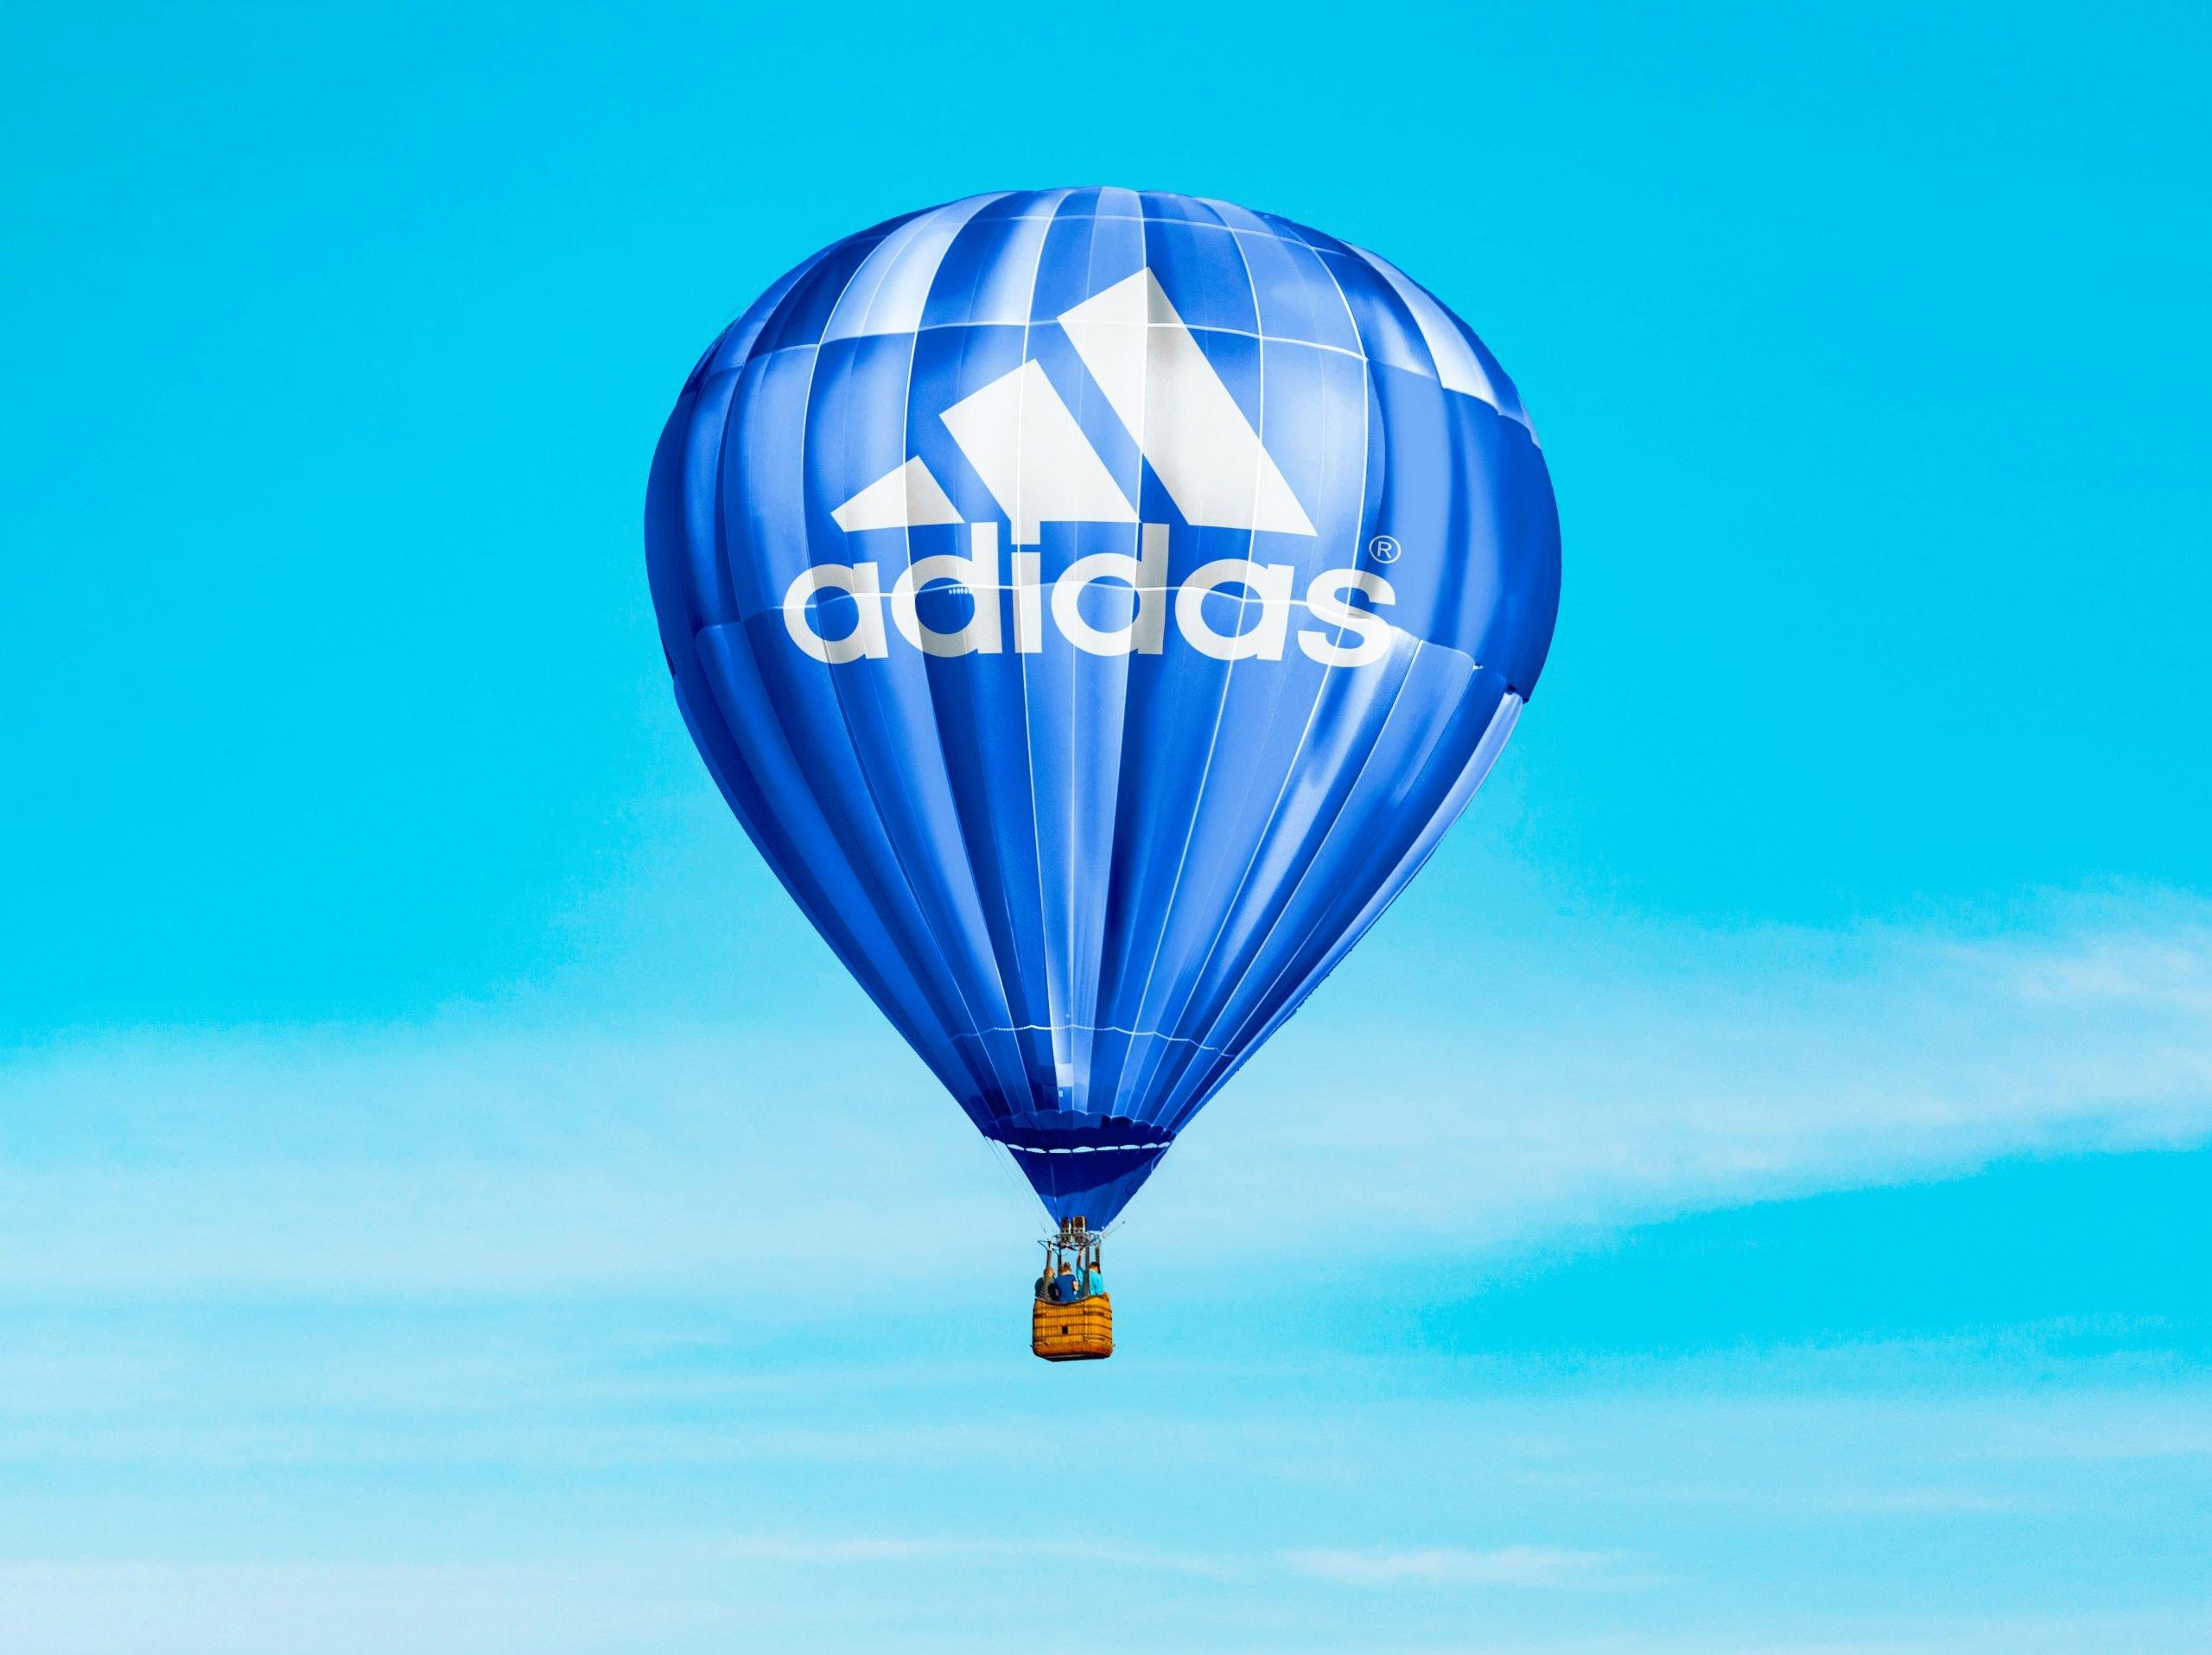 Hot Air Baloon Mockup Adidas